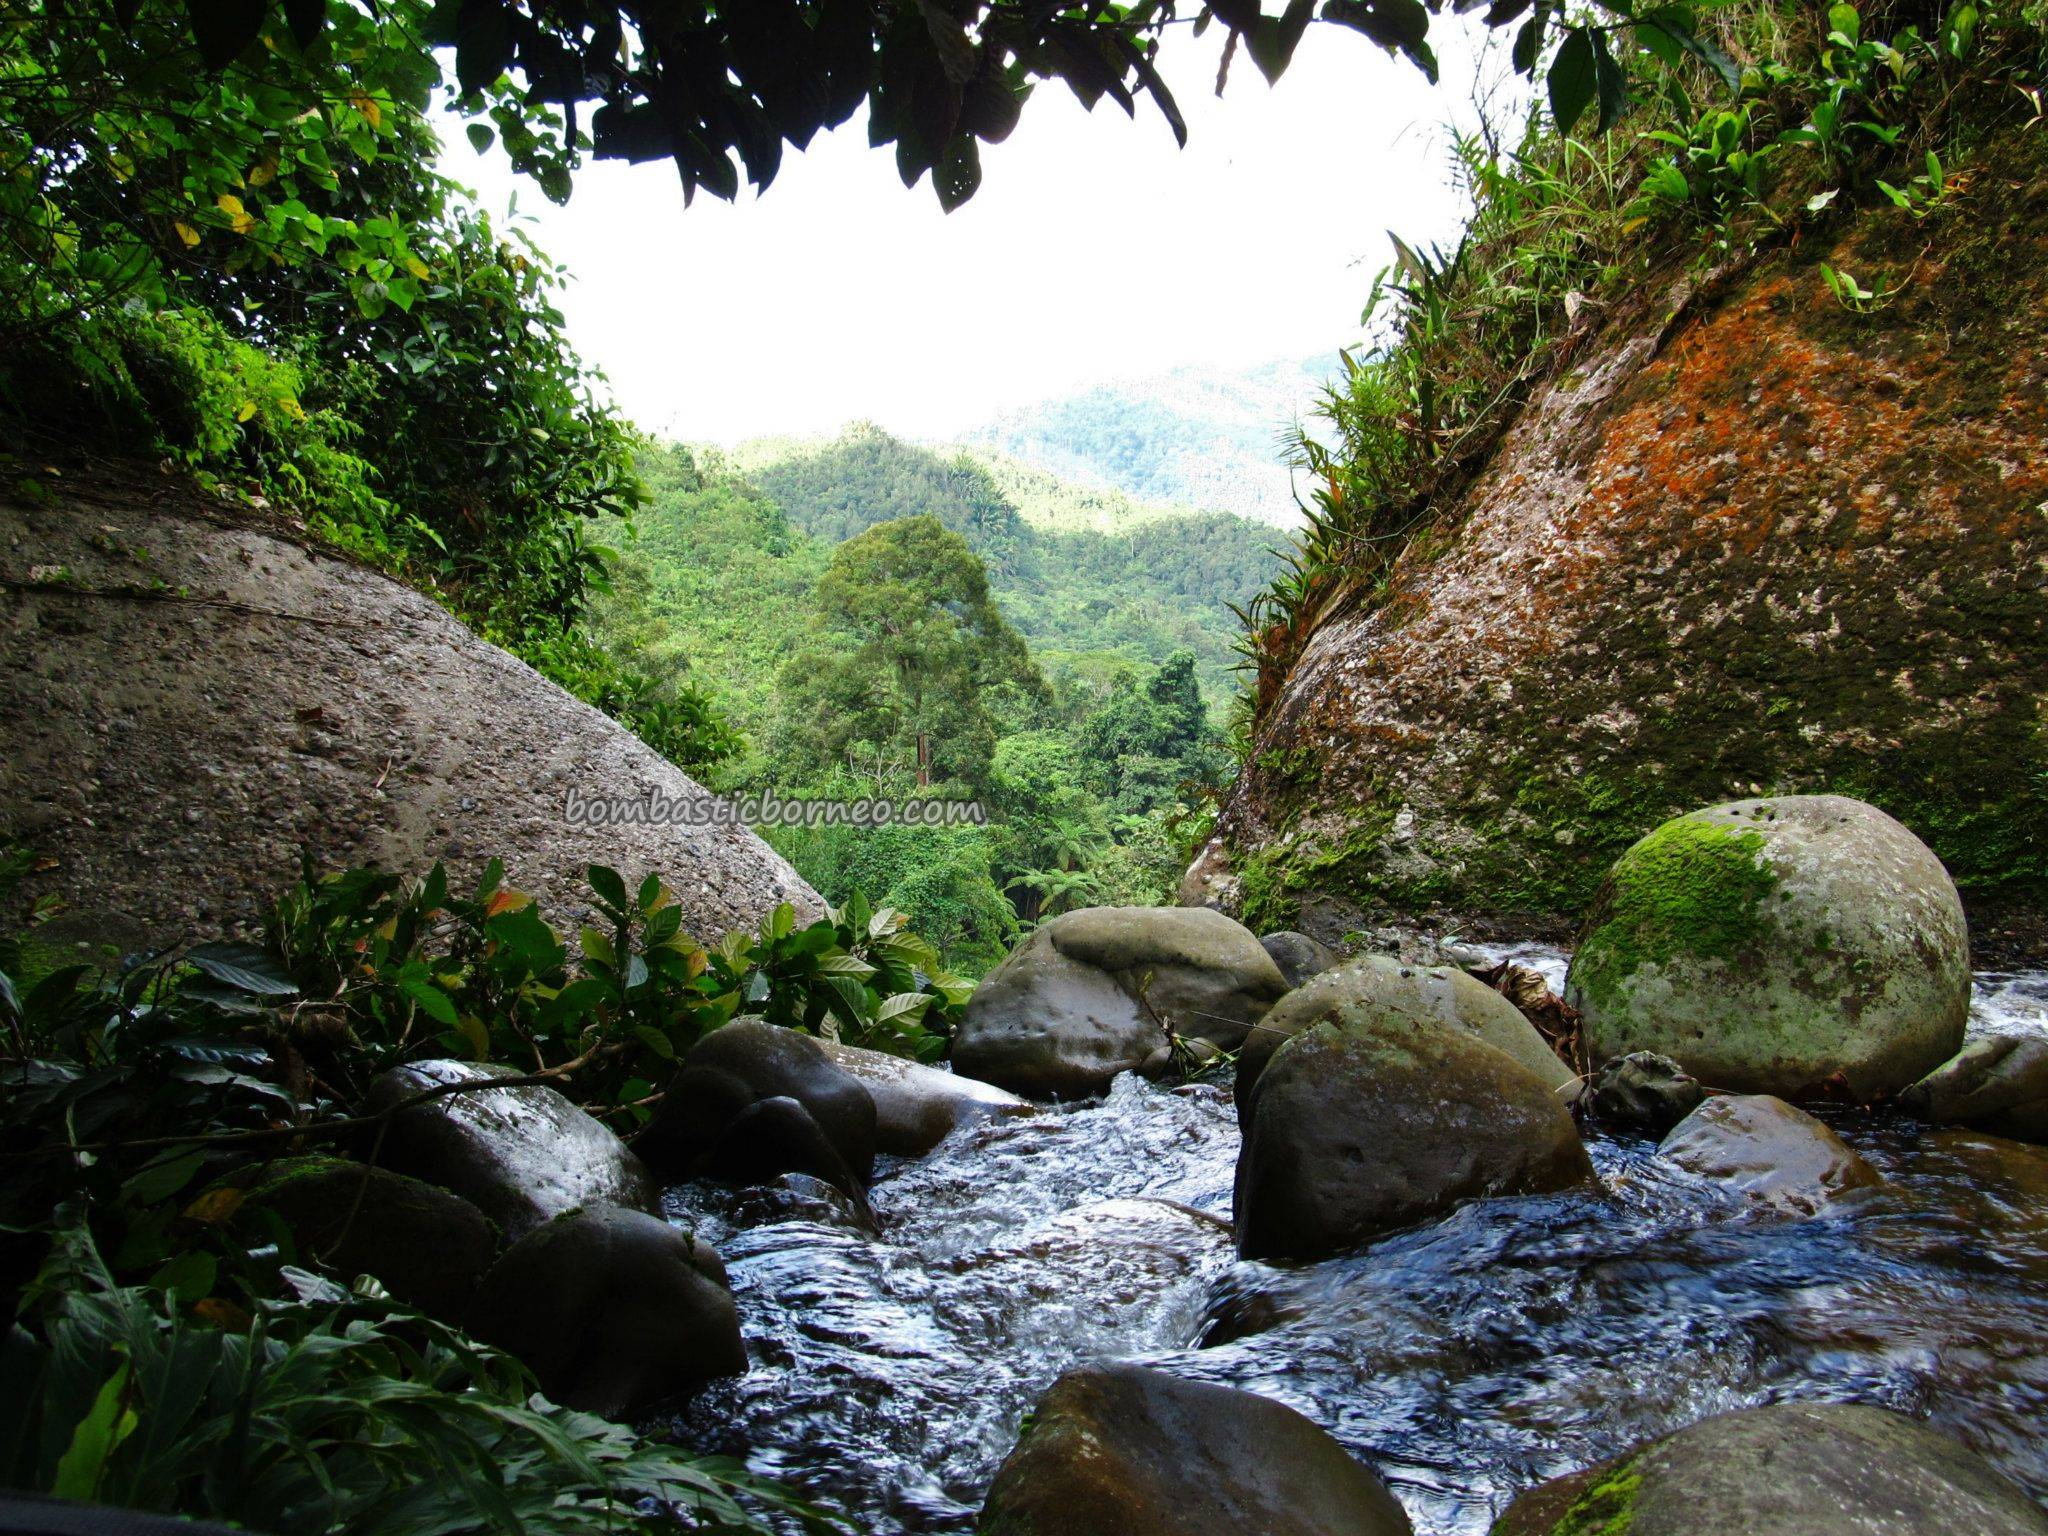 Ban Buan Kukuot Waterfall Kampung Sadir Padawan Sarawak